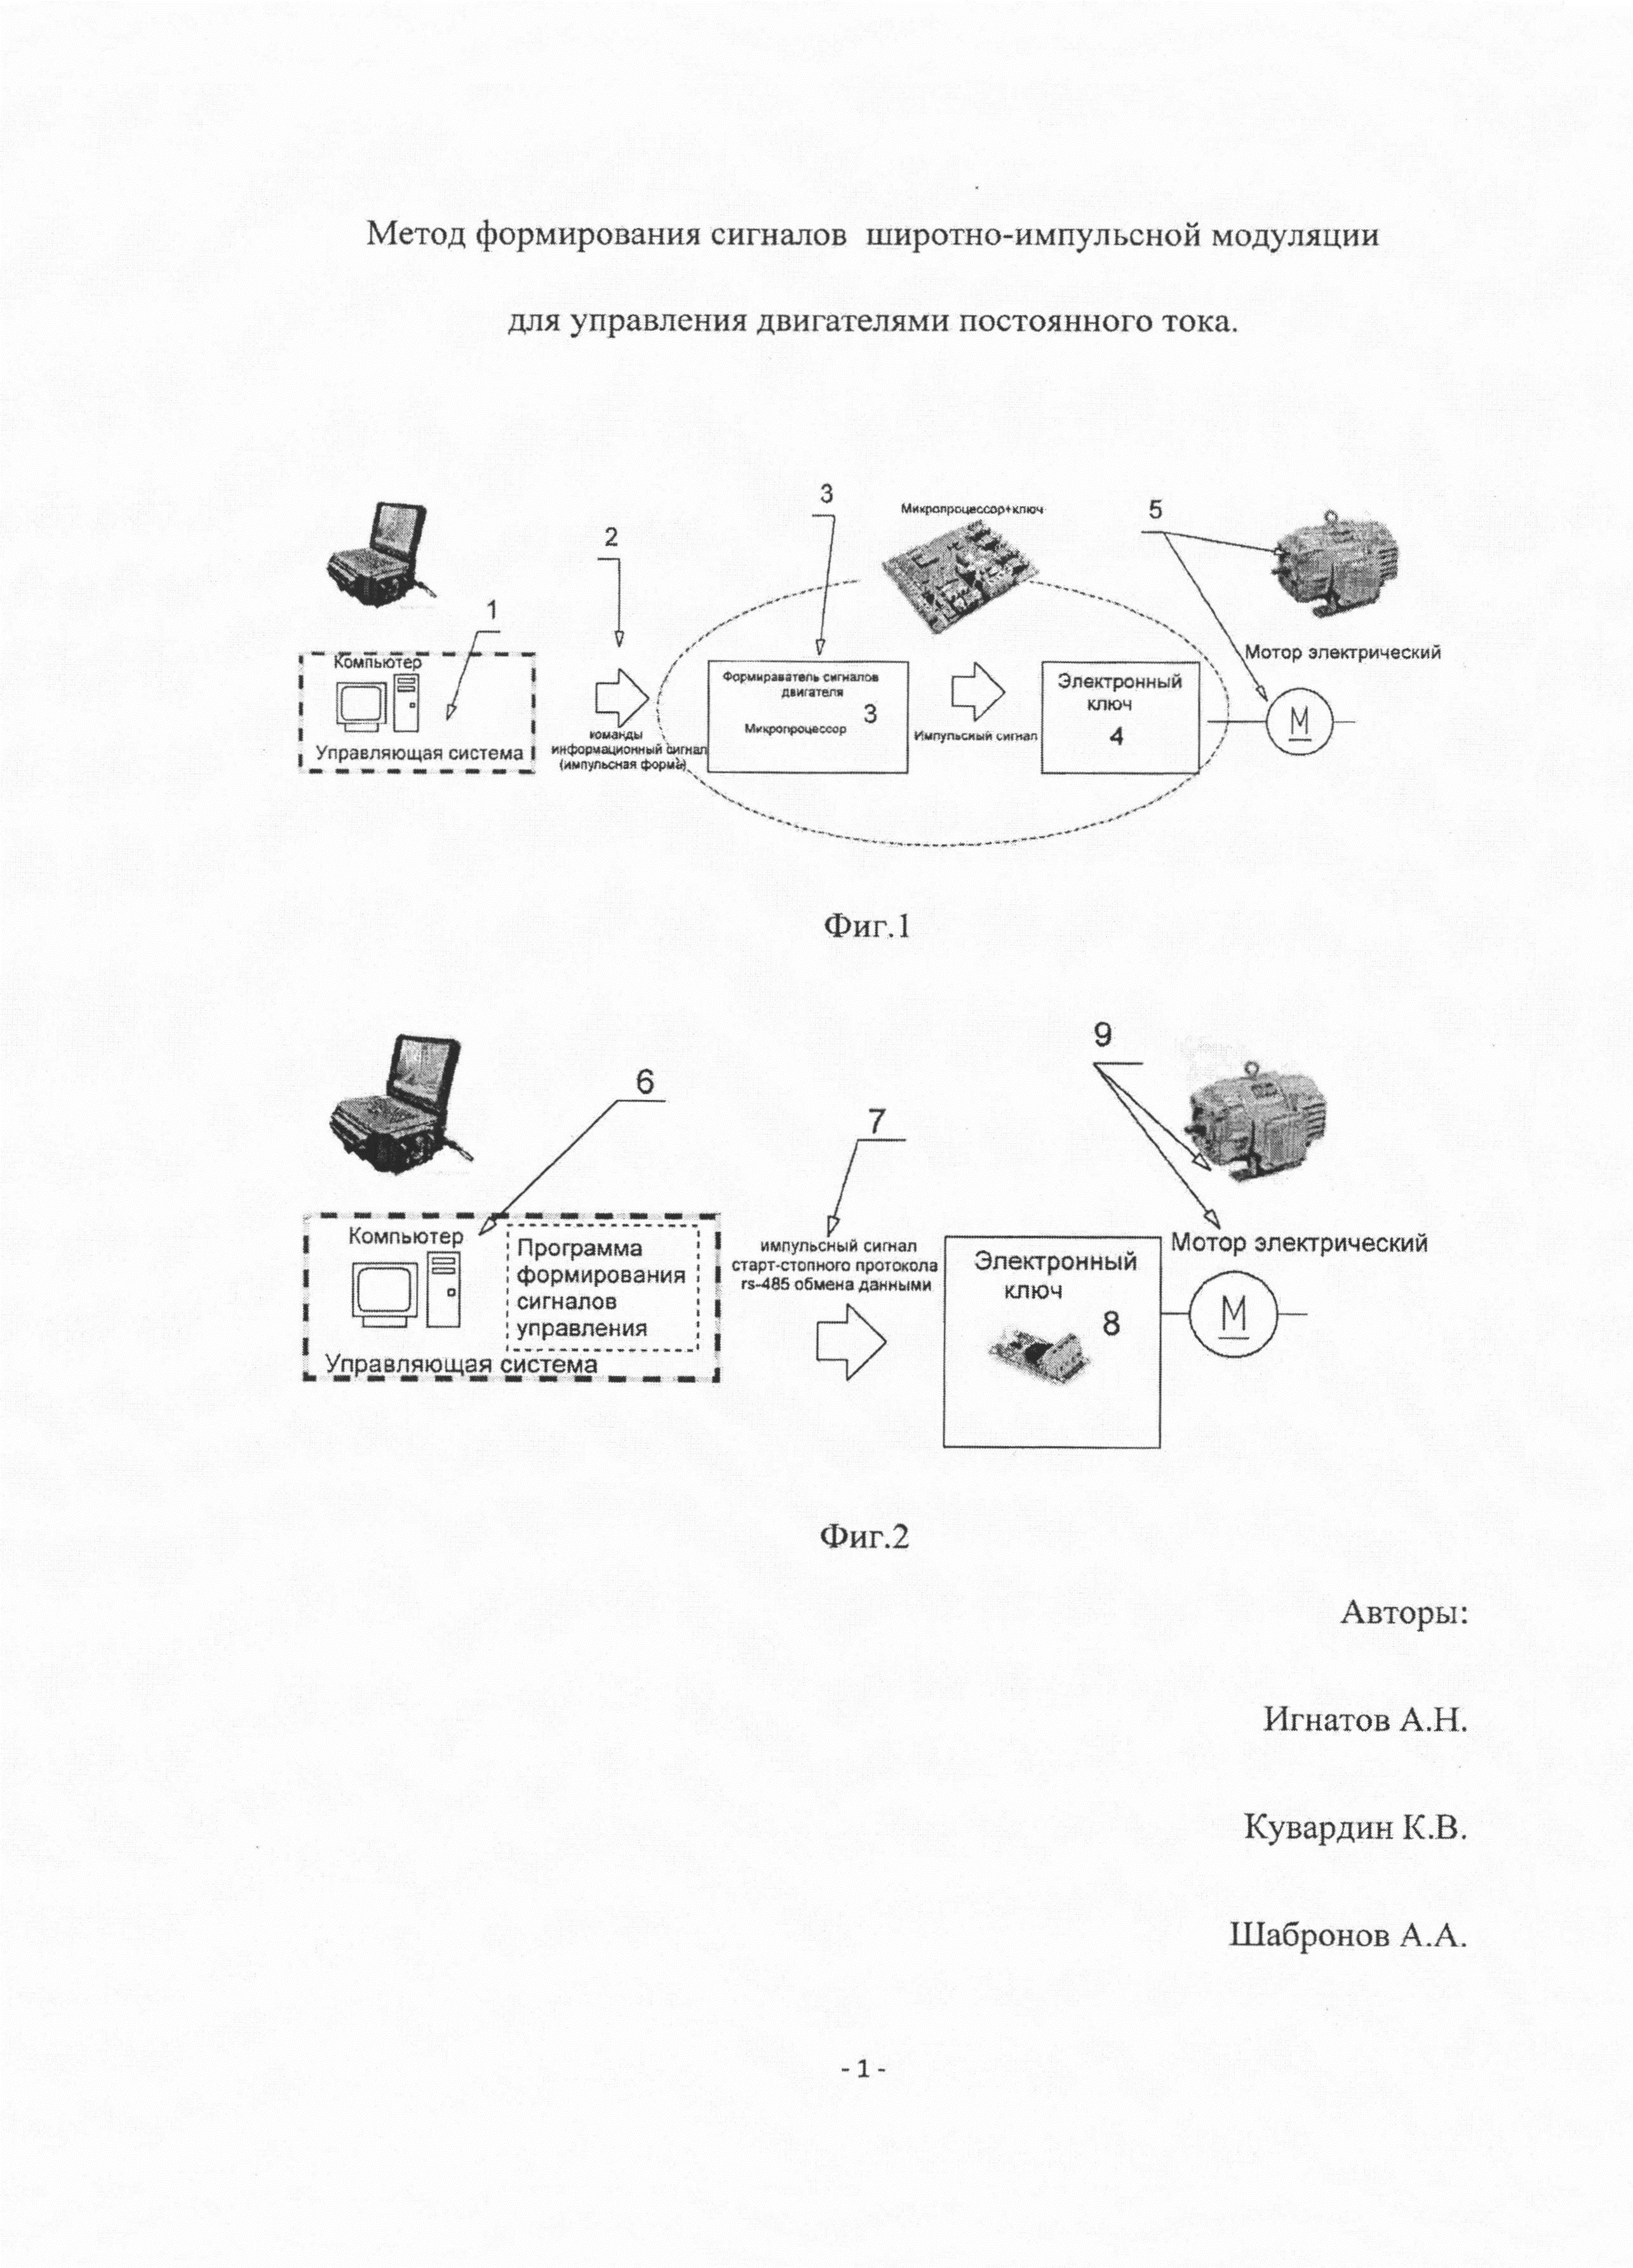 Метод формирования сигналов широтно-импульсной модуляции для управления двигателями постоянного тока